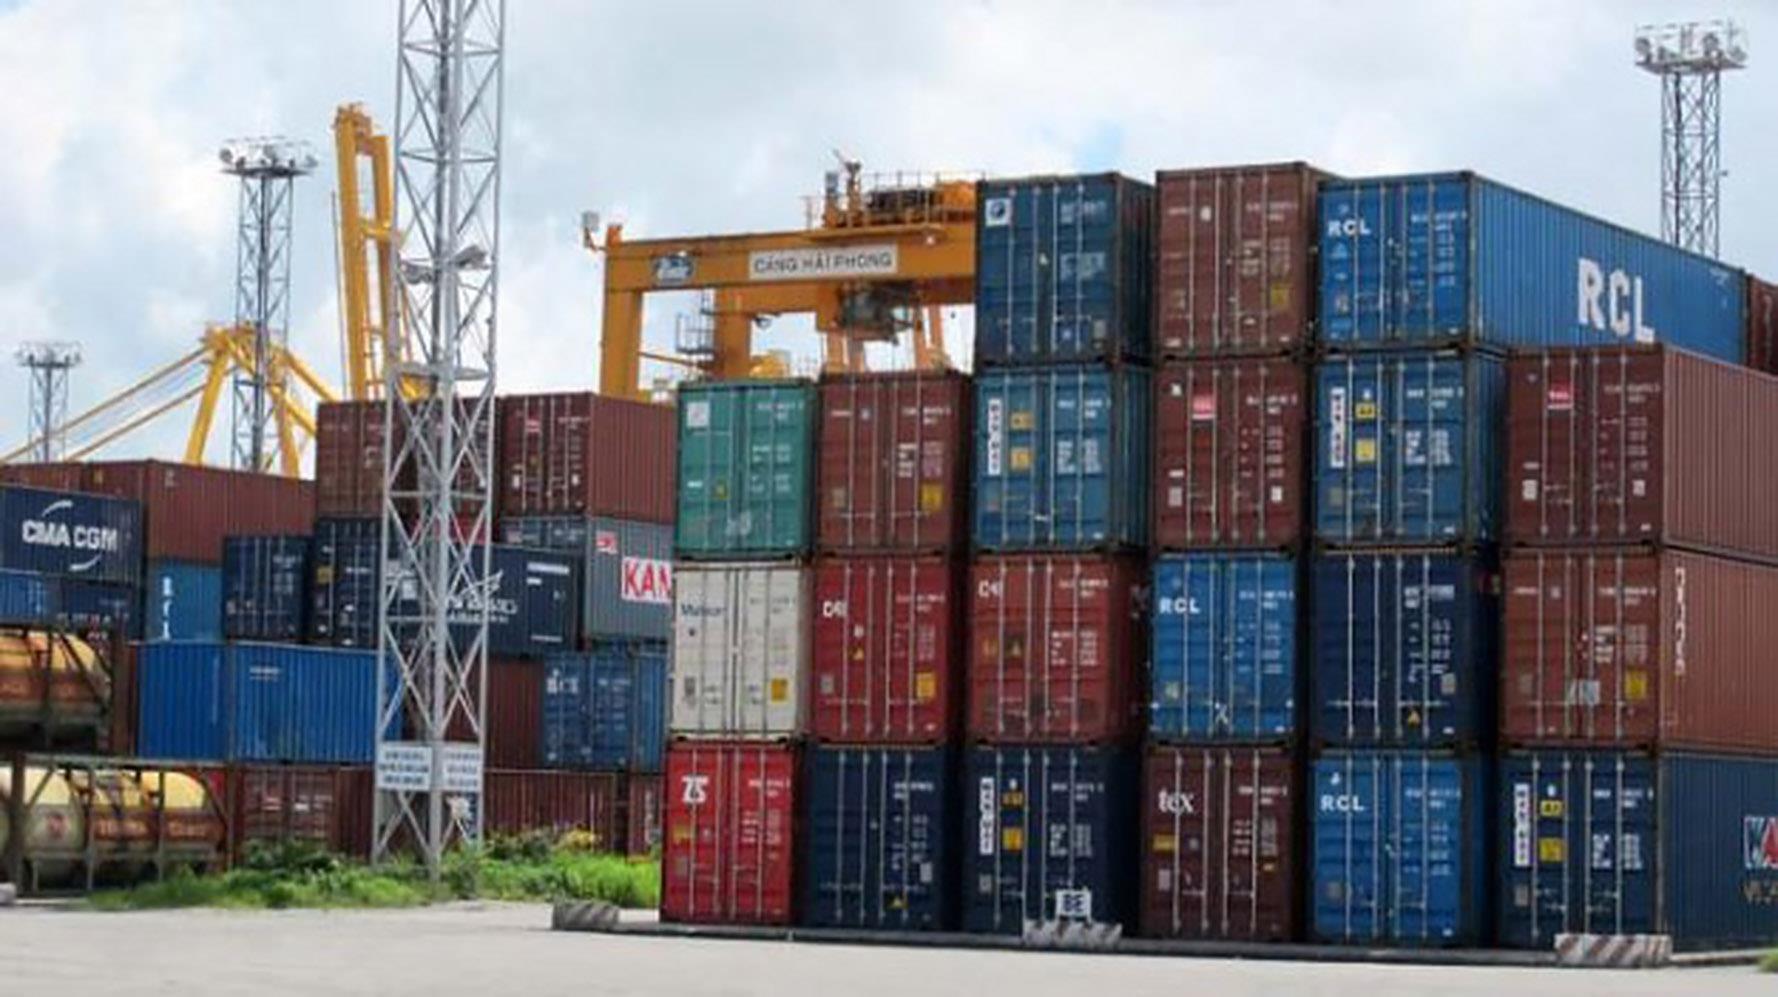 Bộ Công Thương đề nghị giảm phí lưu container, lưu kho cho hàng hóa ở cảng biển - 1